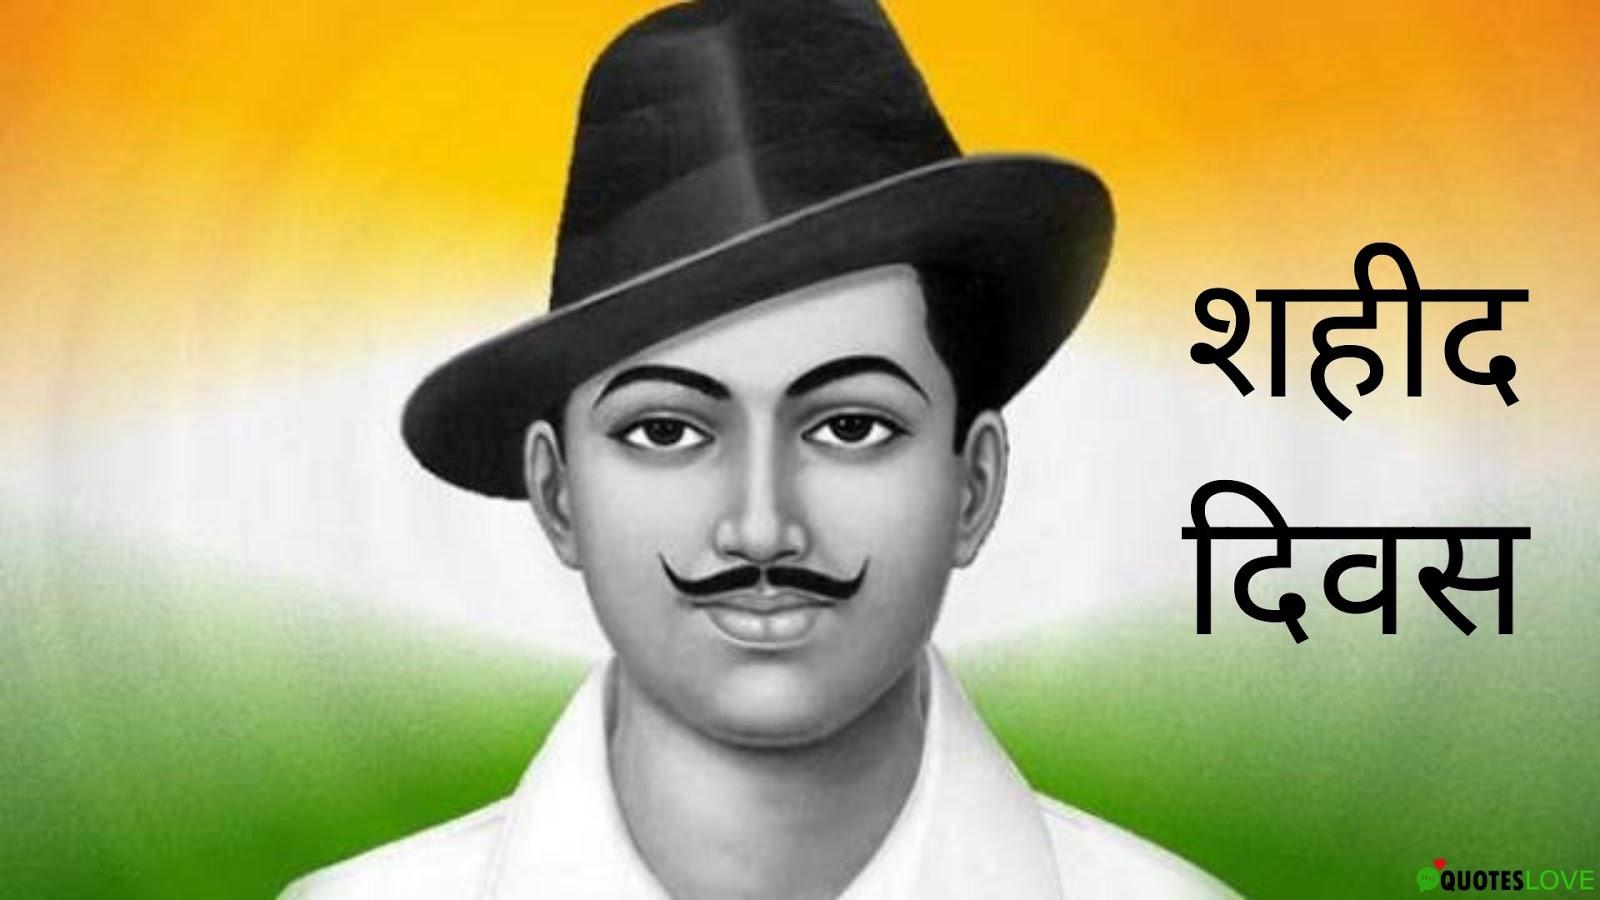 Martyr Day - Shaheed Diwas 2020 Quotes, Wishes, Slogans In Hindi: शहीद दिवस पर देश के वीरों को नमन